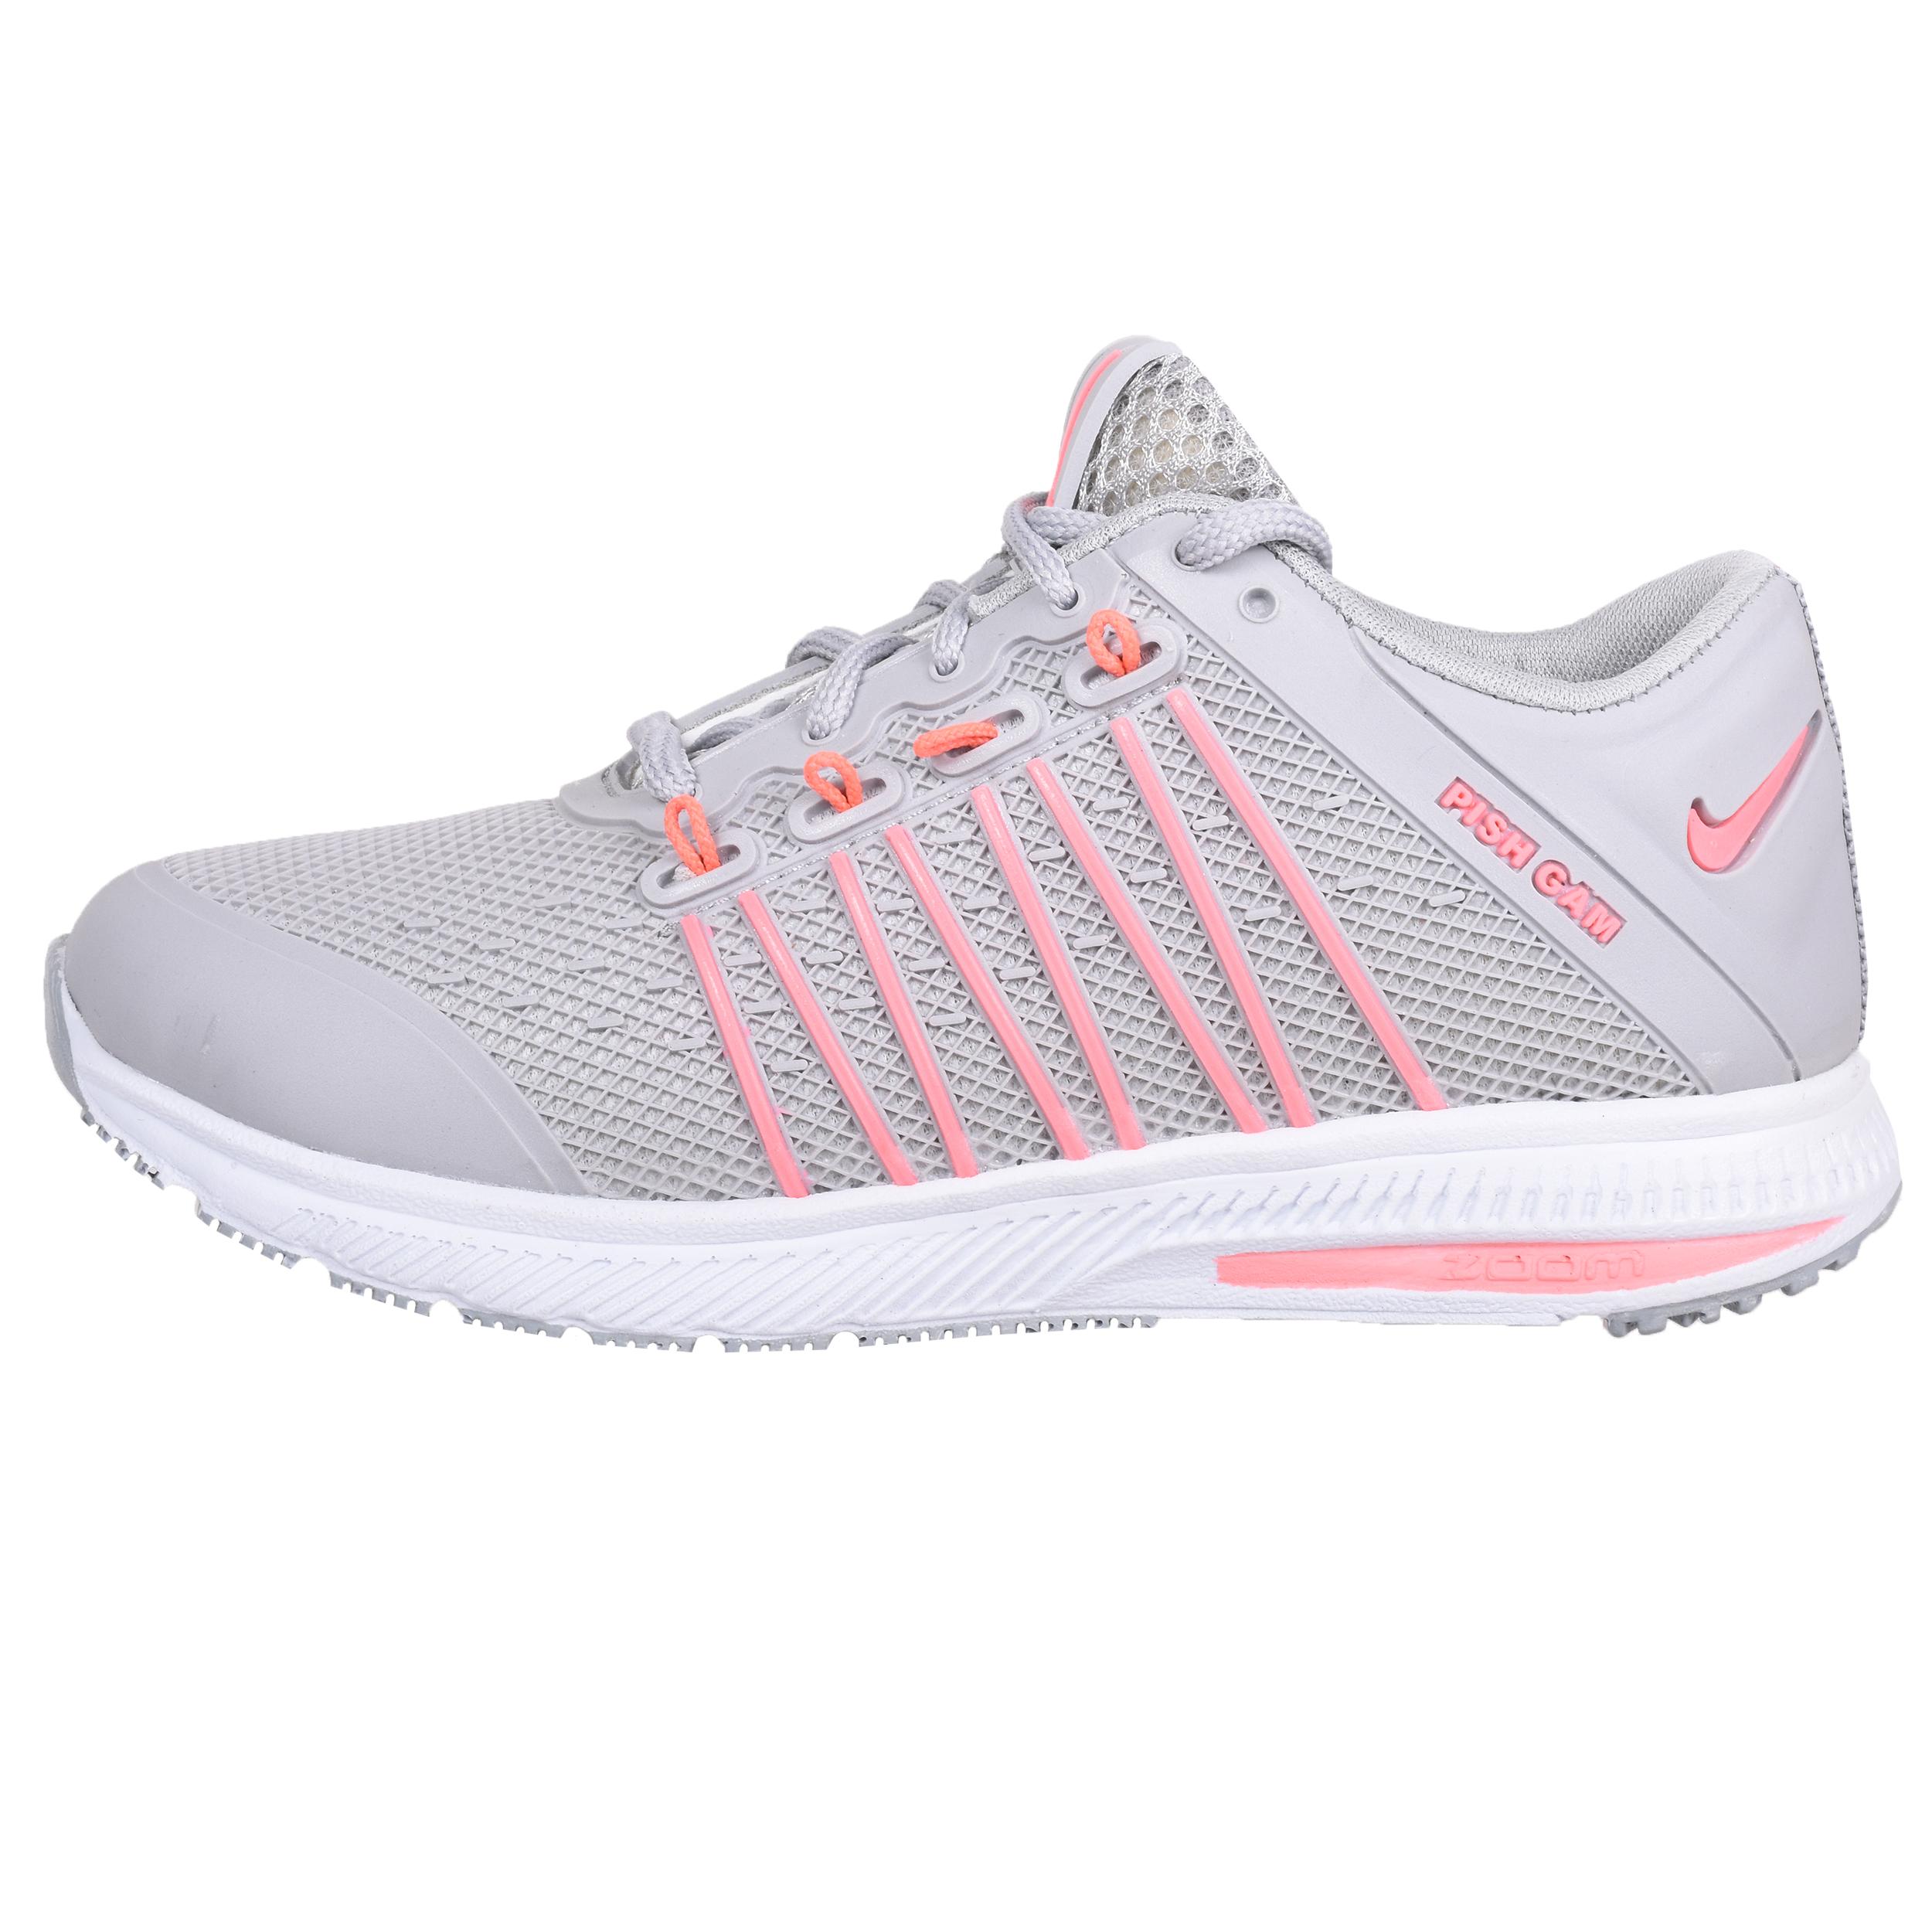 خرید کفش مخصوص پیاده روی زنانه کد 21-1396141